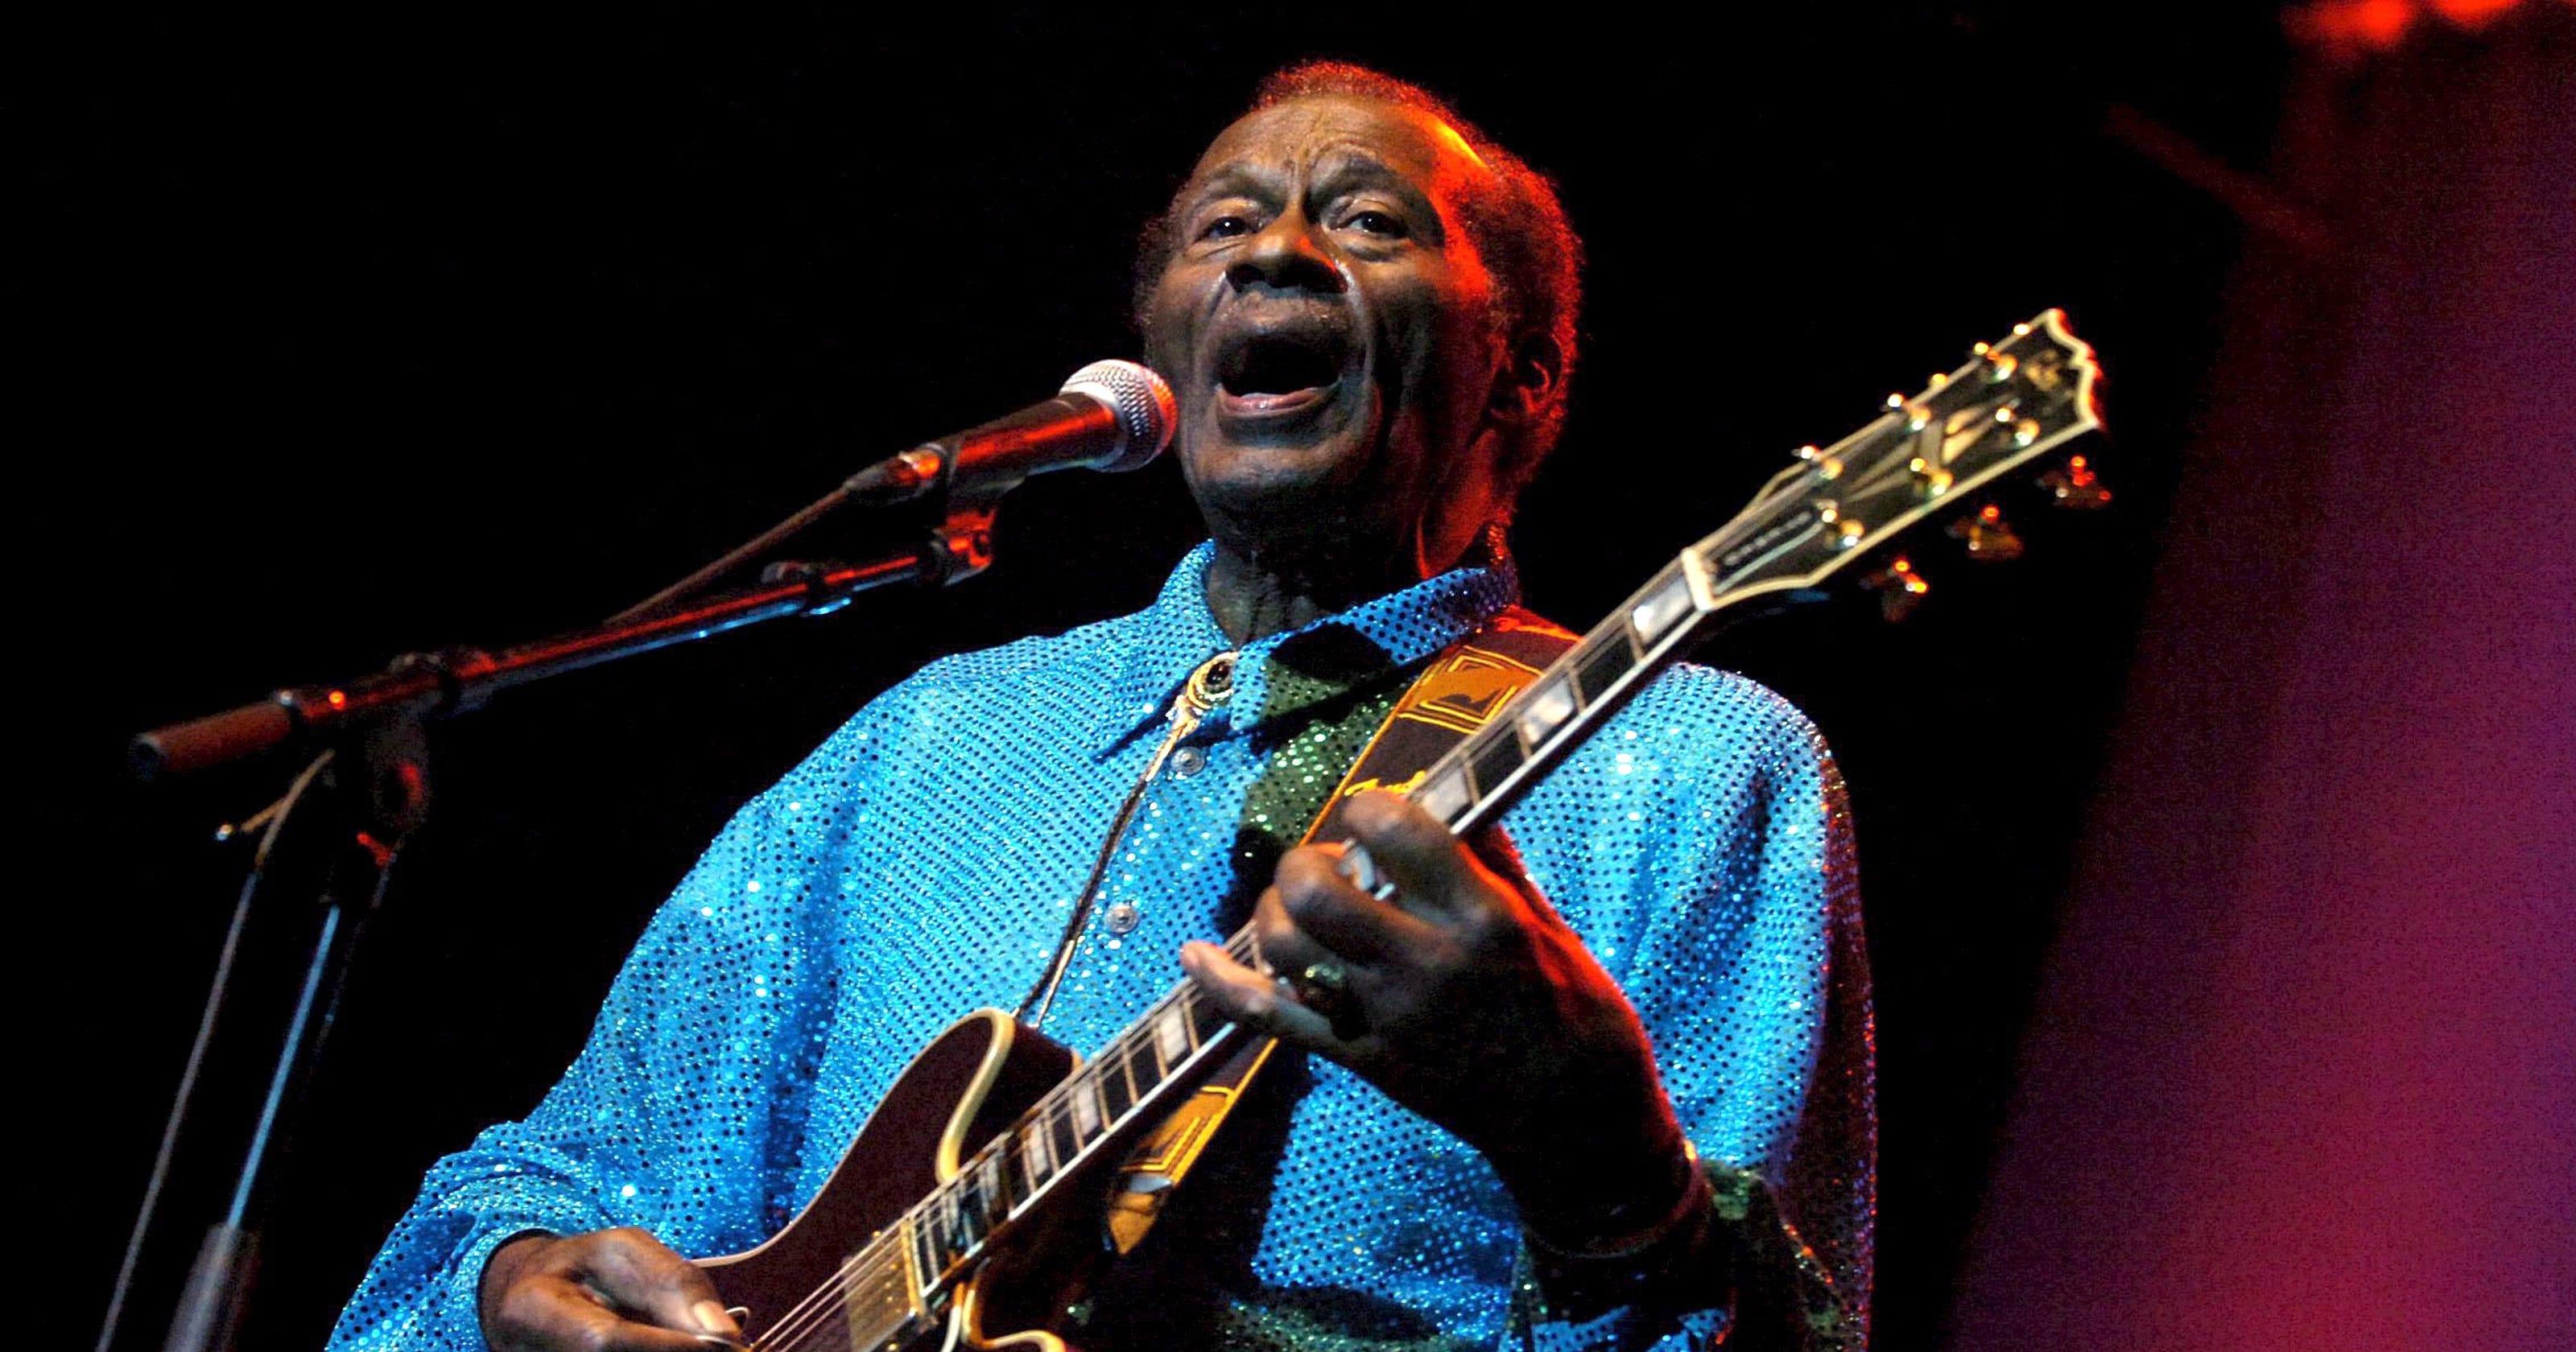 Rock N Roll Pioneer Chuck Berry Dies At 90